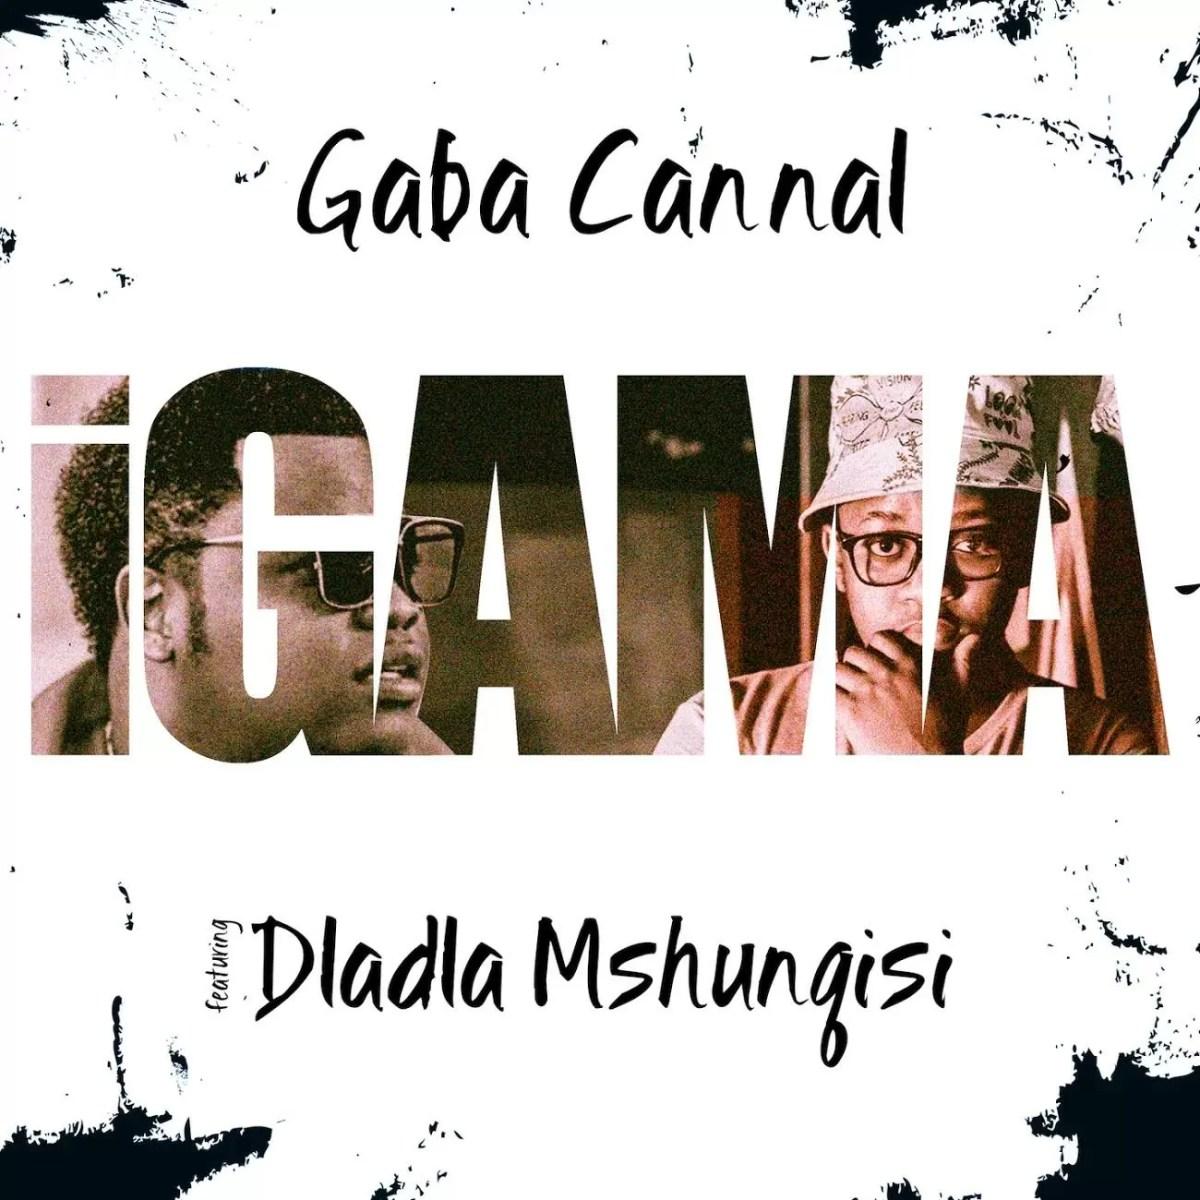 Gaba Cannal ft. Dladla Mshunqisi - Igama